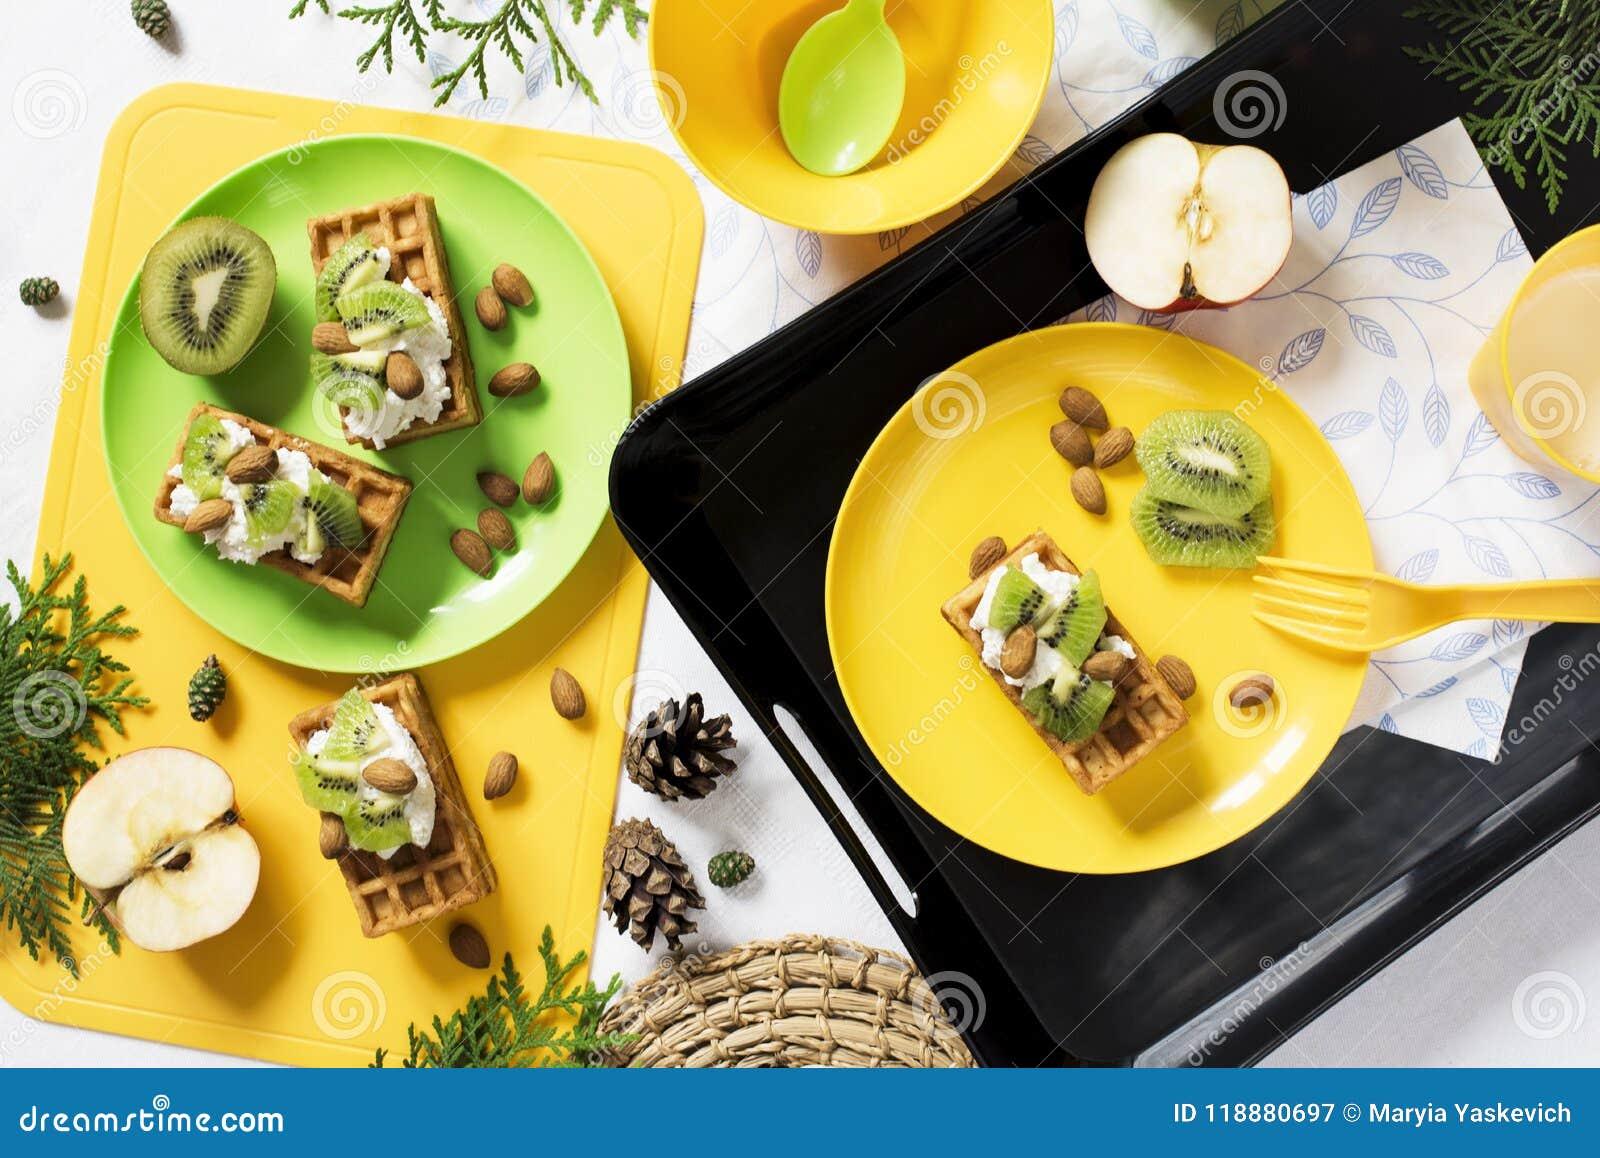 Zdrowa żywność Śniadanie z goframi, kiwi, migdał, miękki ser, jabłko, mleko na białym tle